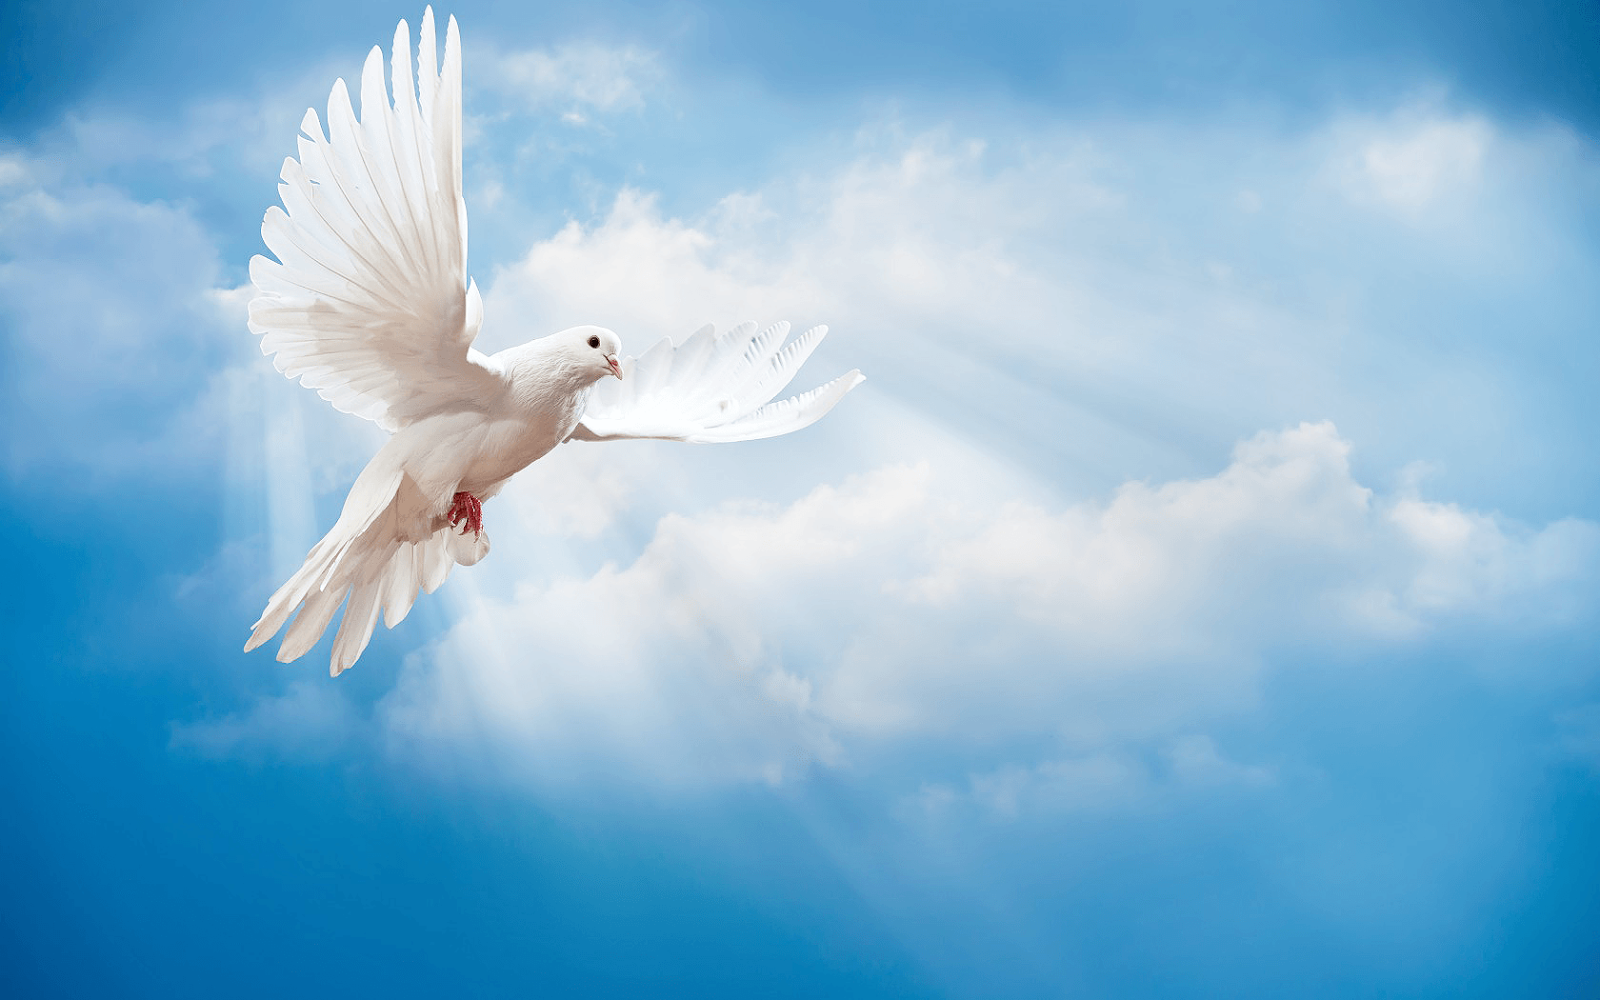 Wallpaper Birds and Clouds - WallpaperSafari